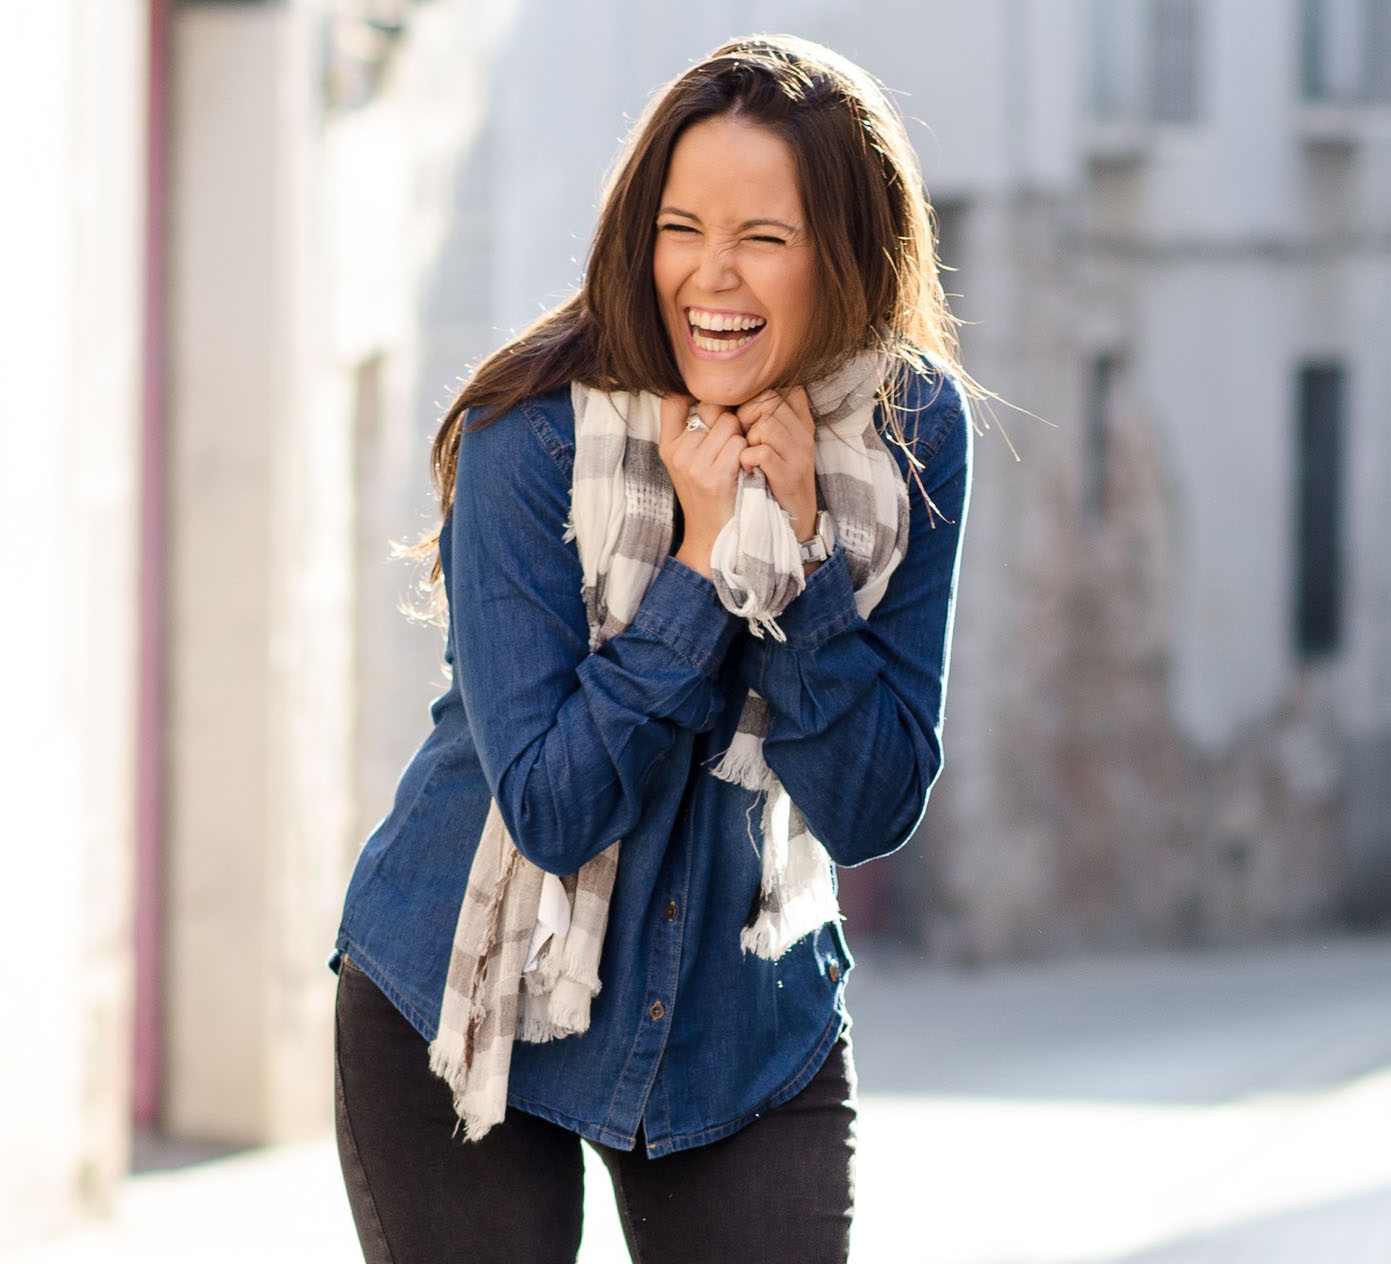 nevető nő